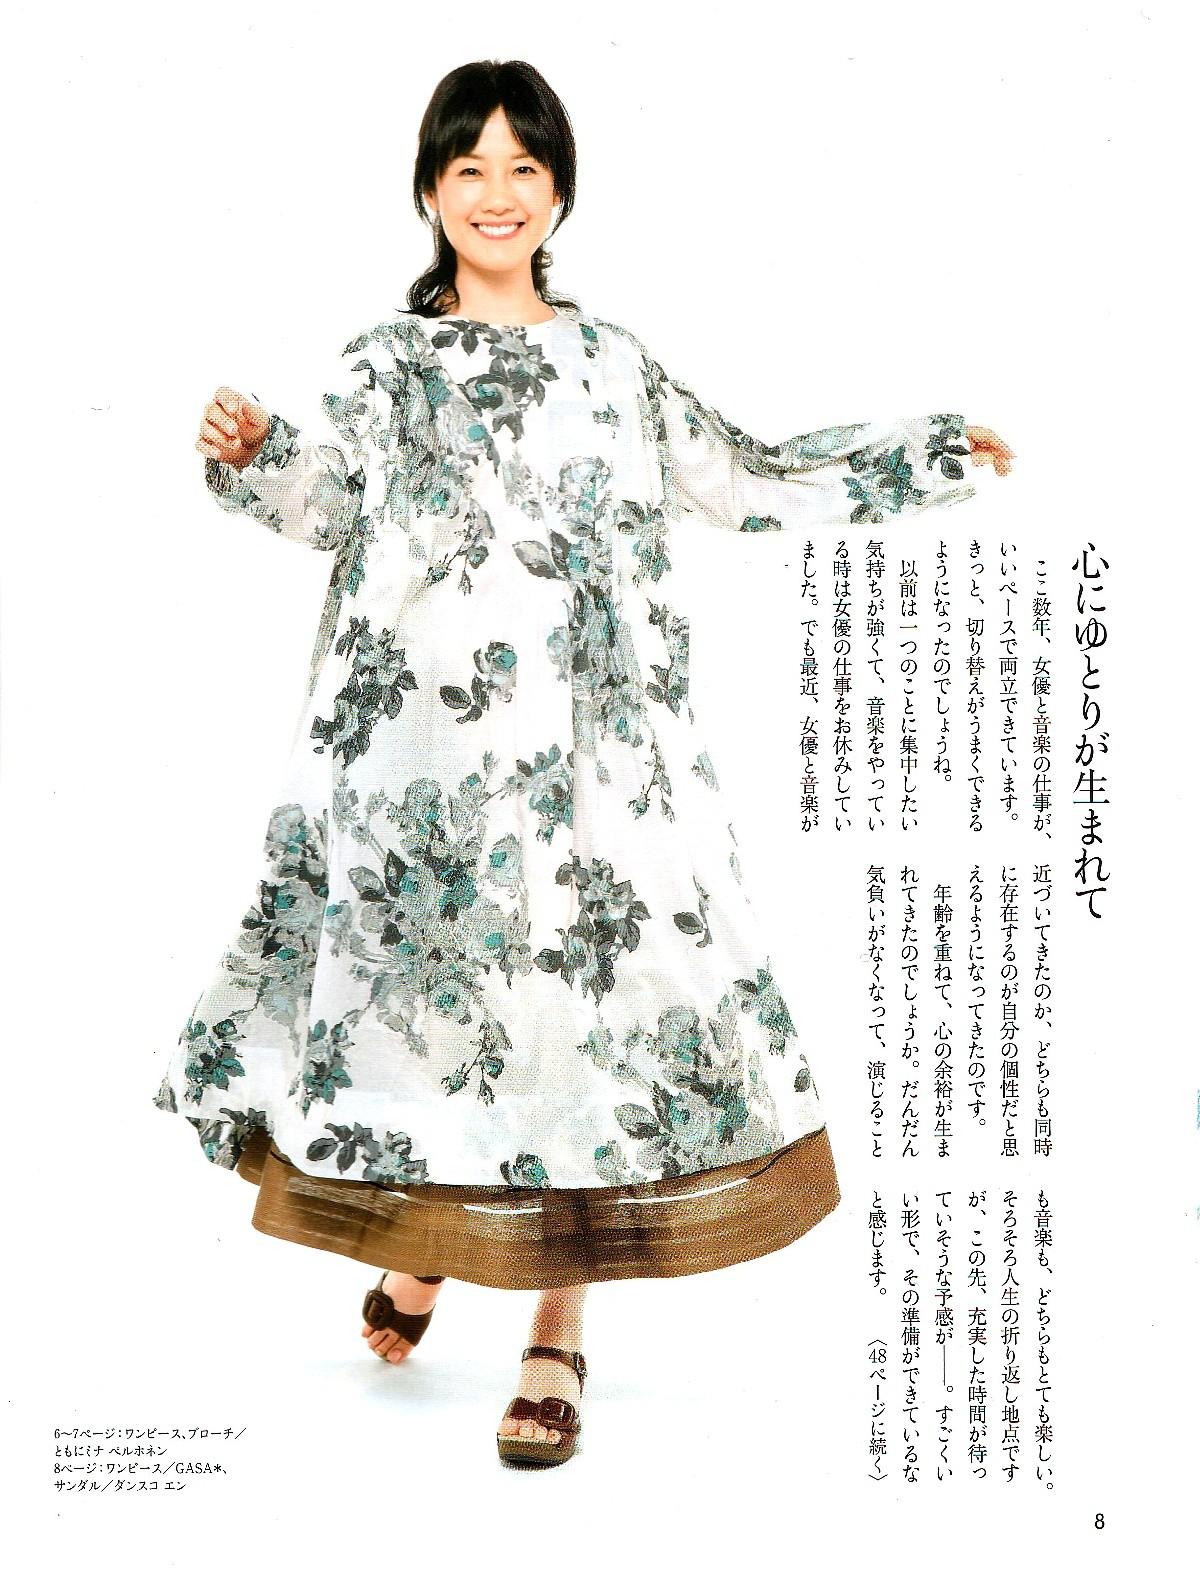 ダンスコ スー Dansko Sue 【婦人公論6/14】